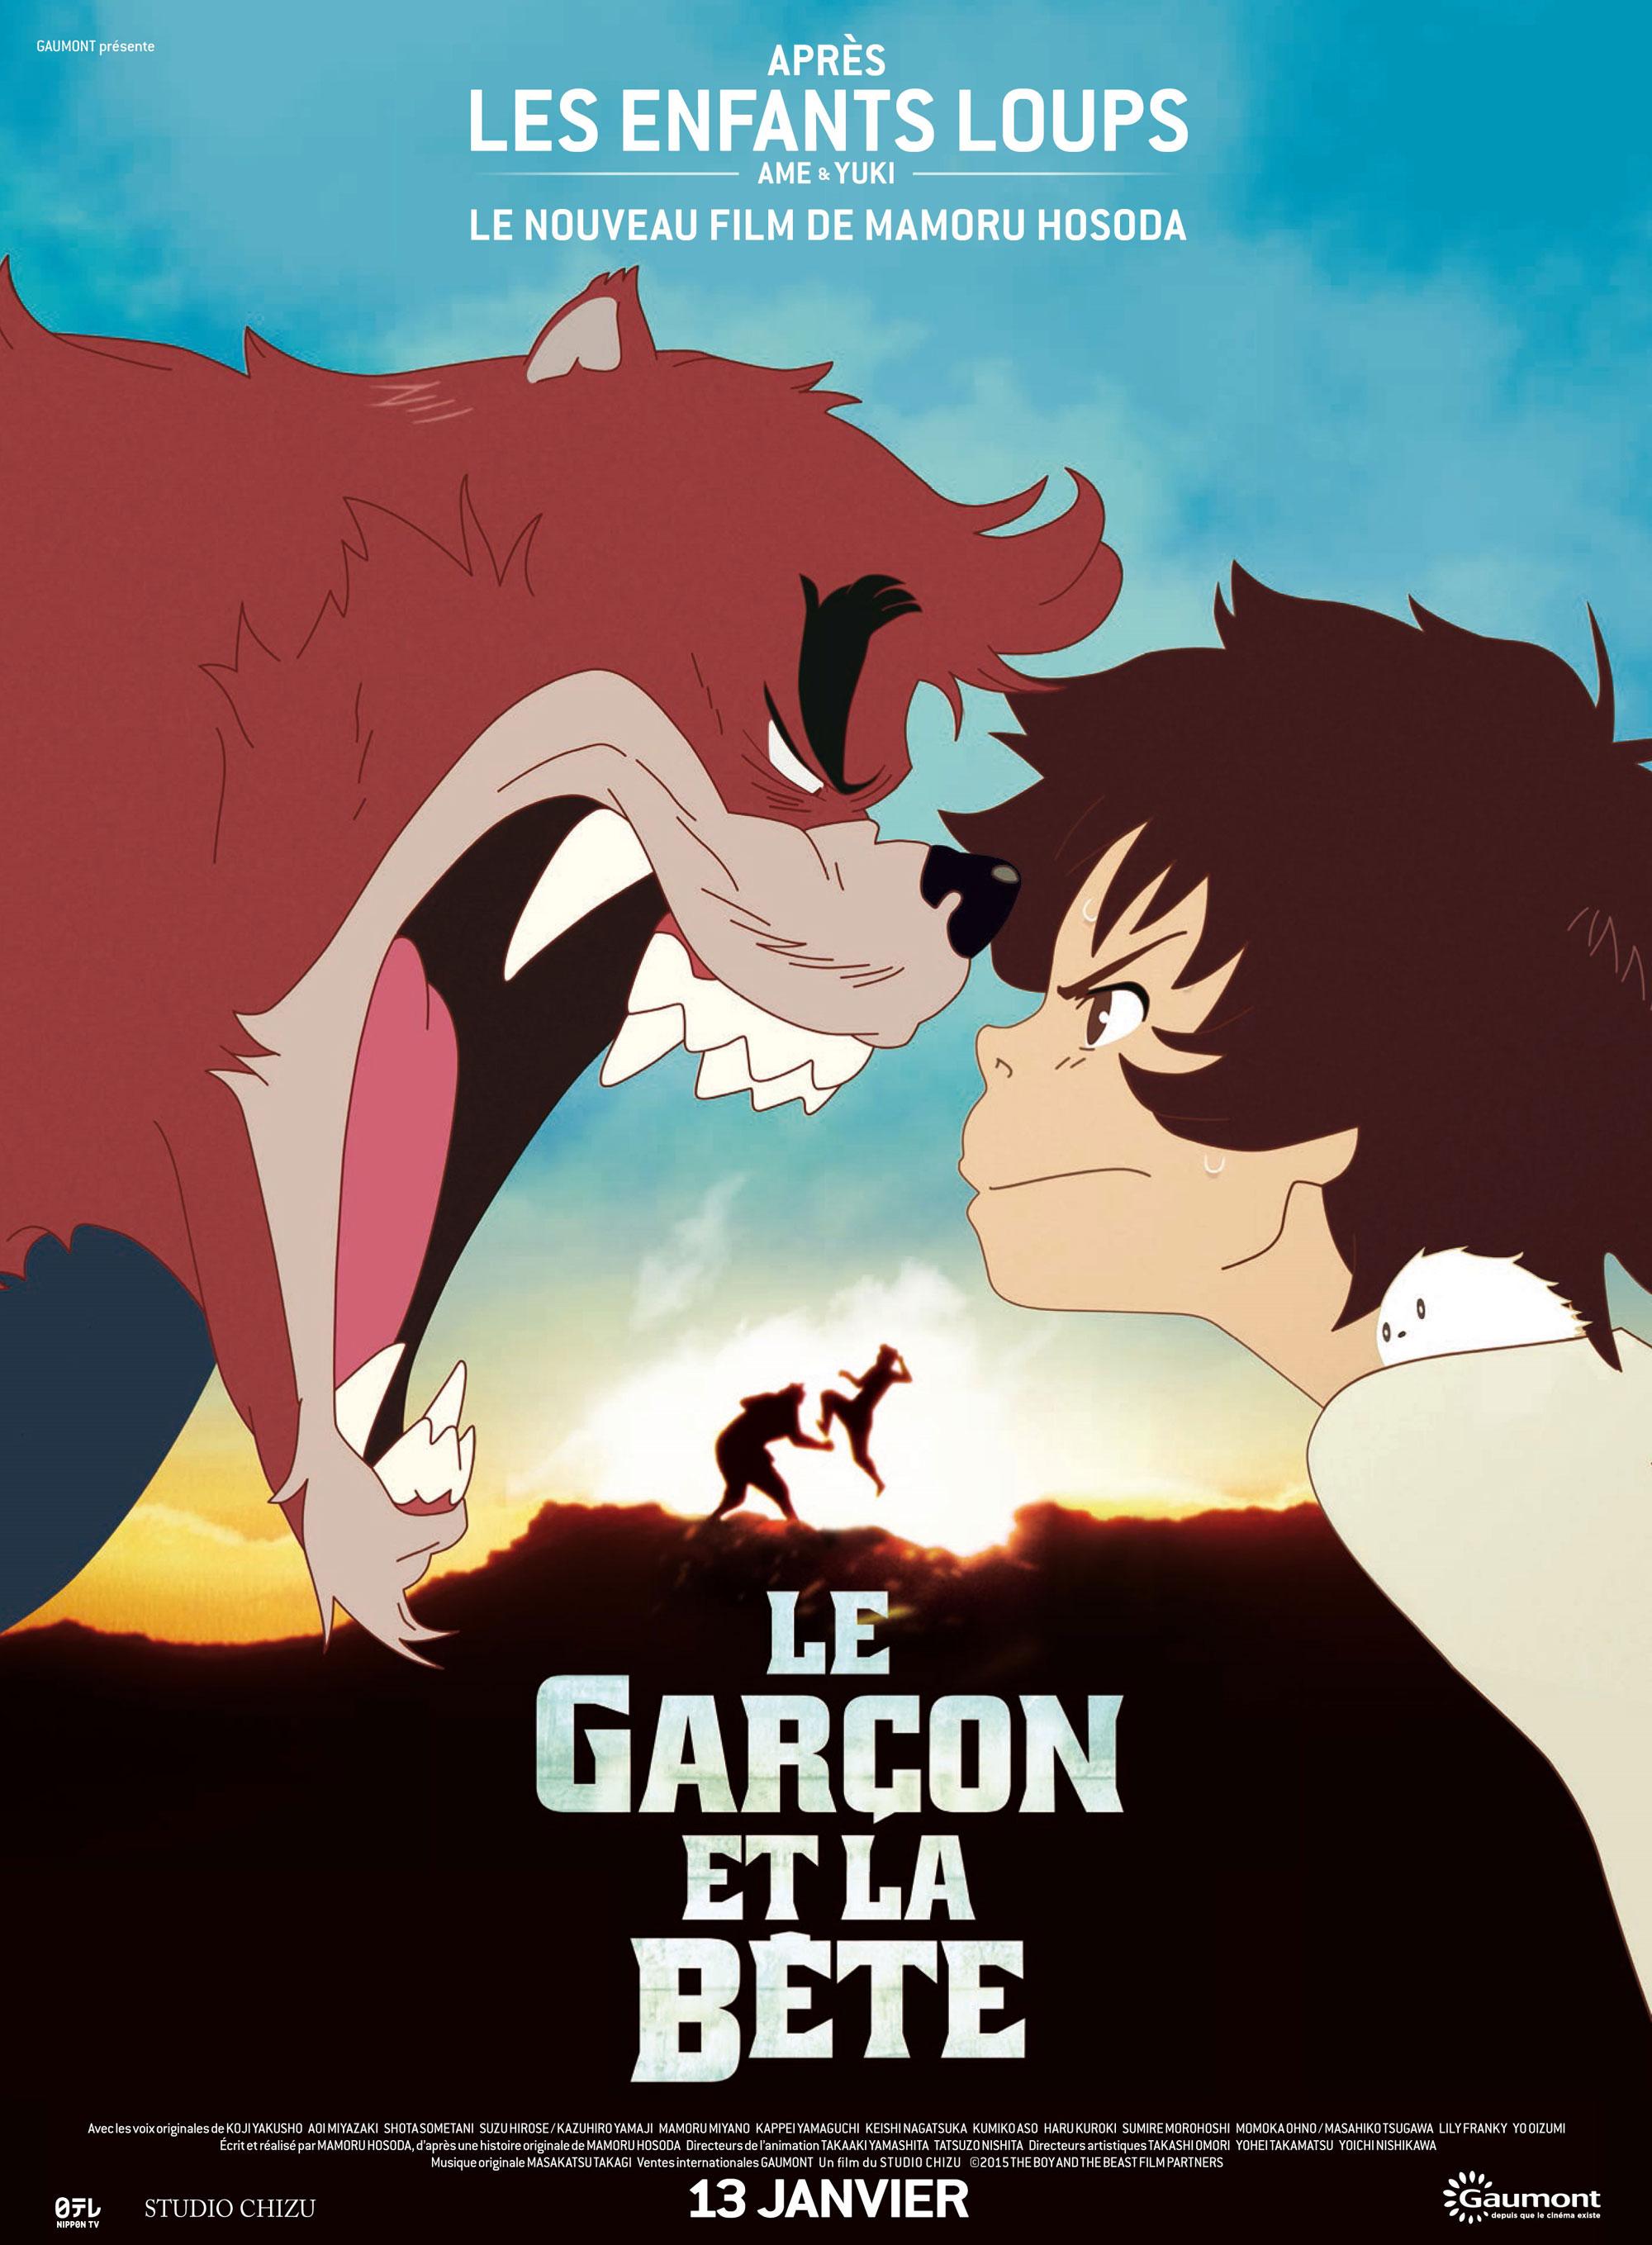 Le Garçon et la bête - Affiche pour Sorties Ciné